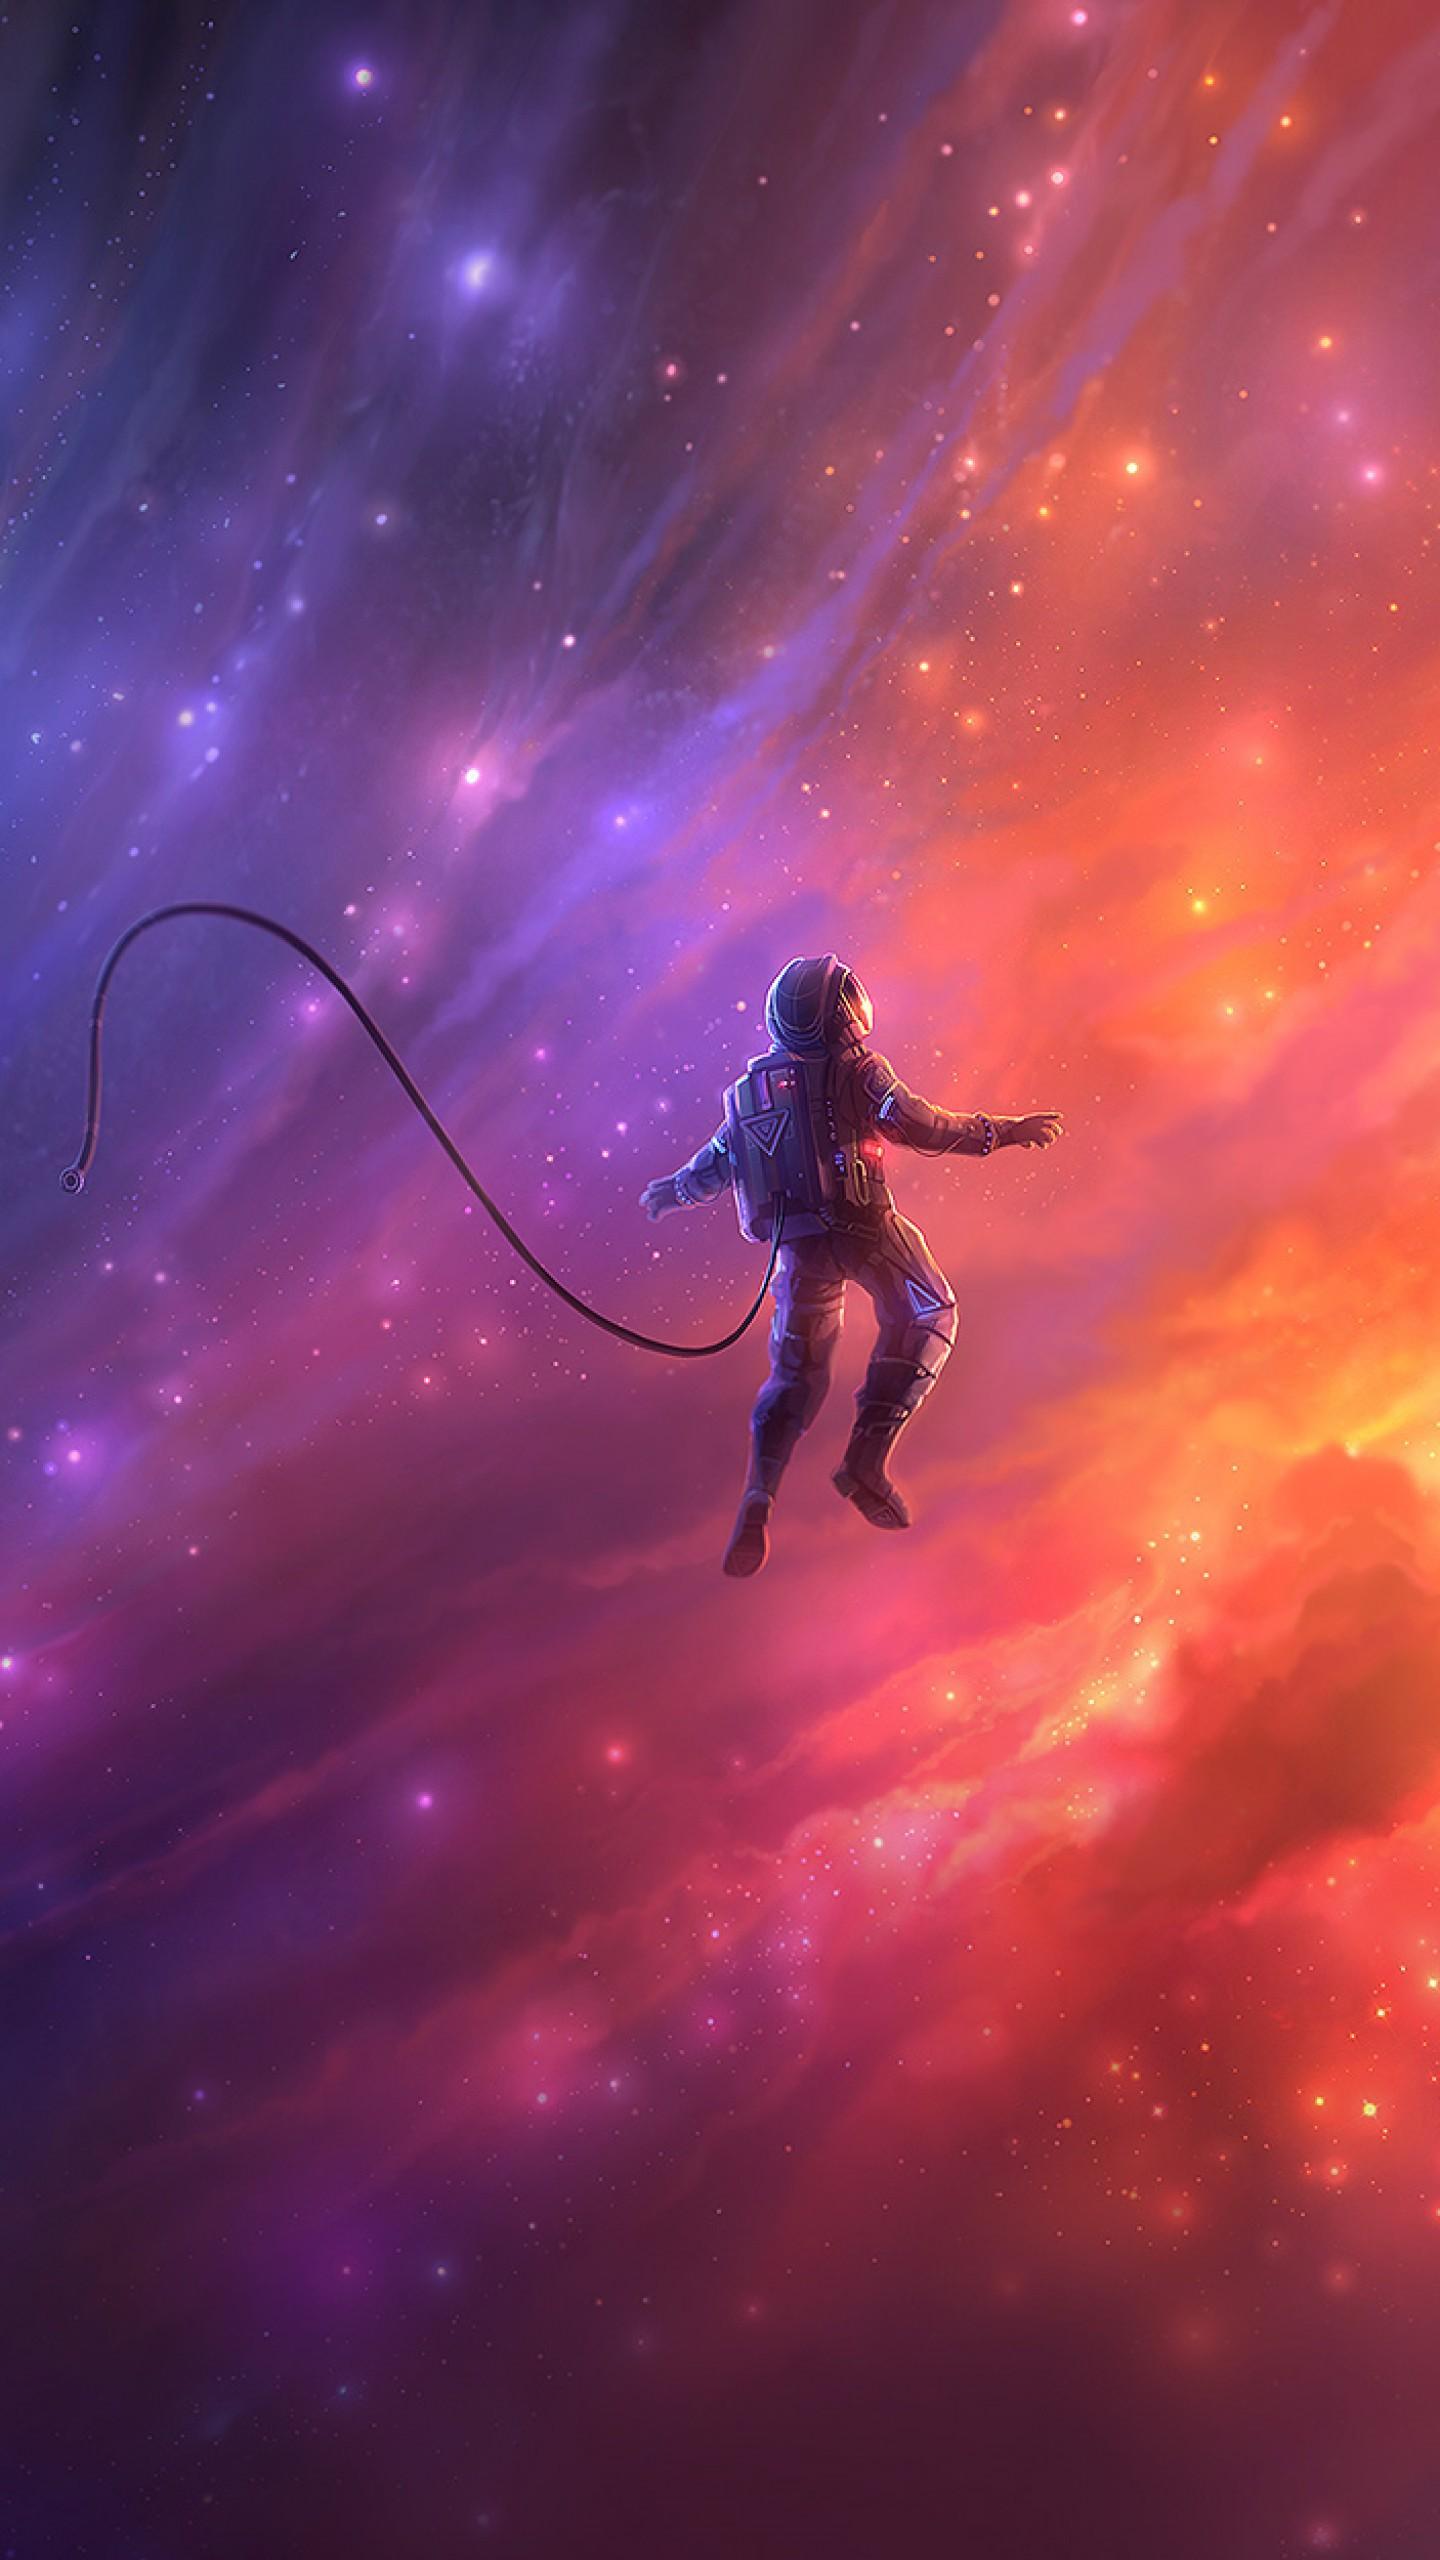 عکس زمینه فضانورد در حال حرکت در کهکشان پس زمینه